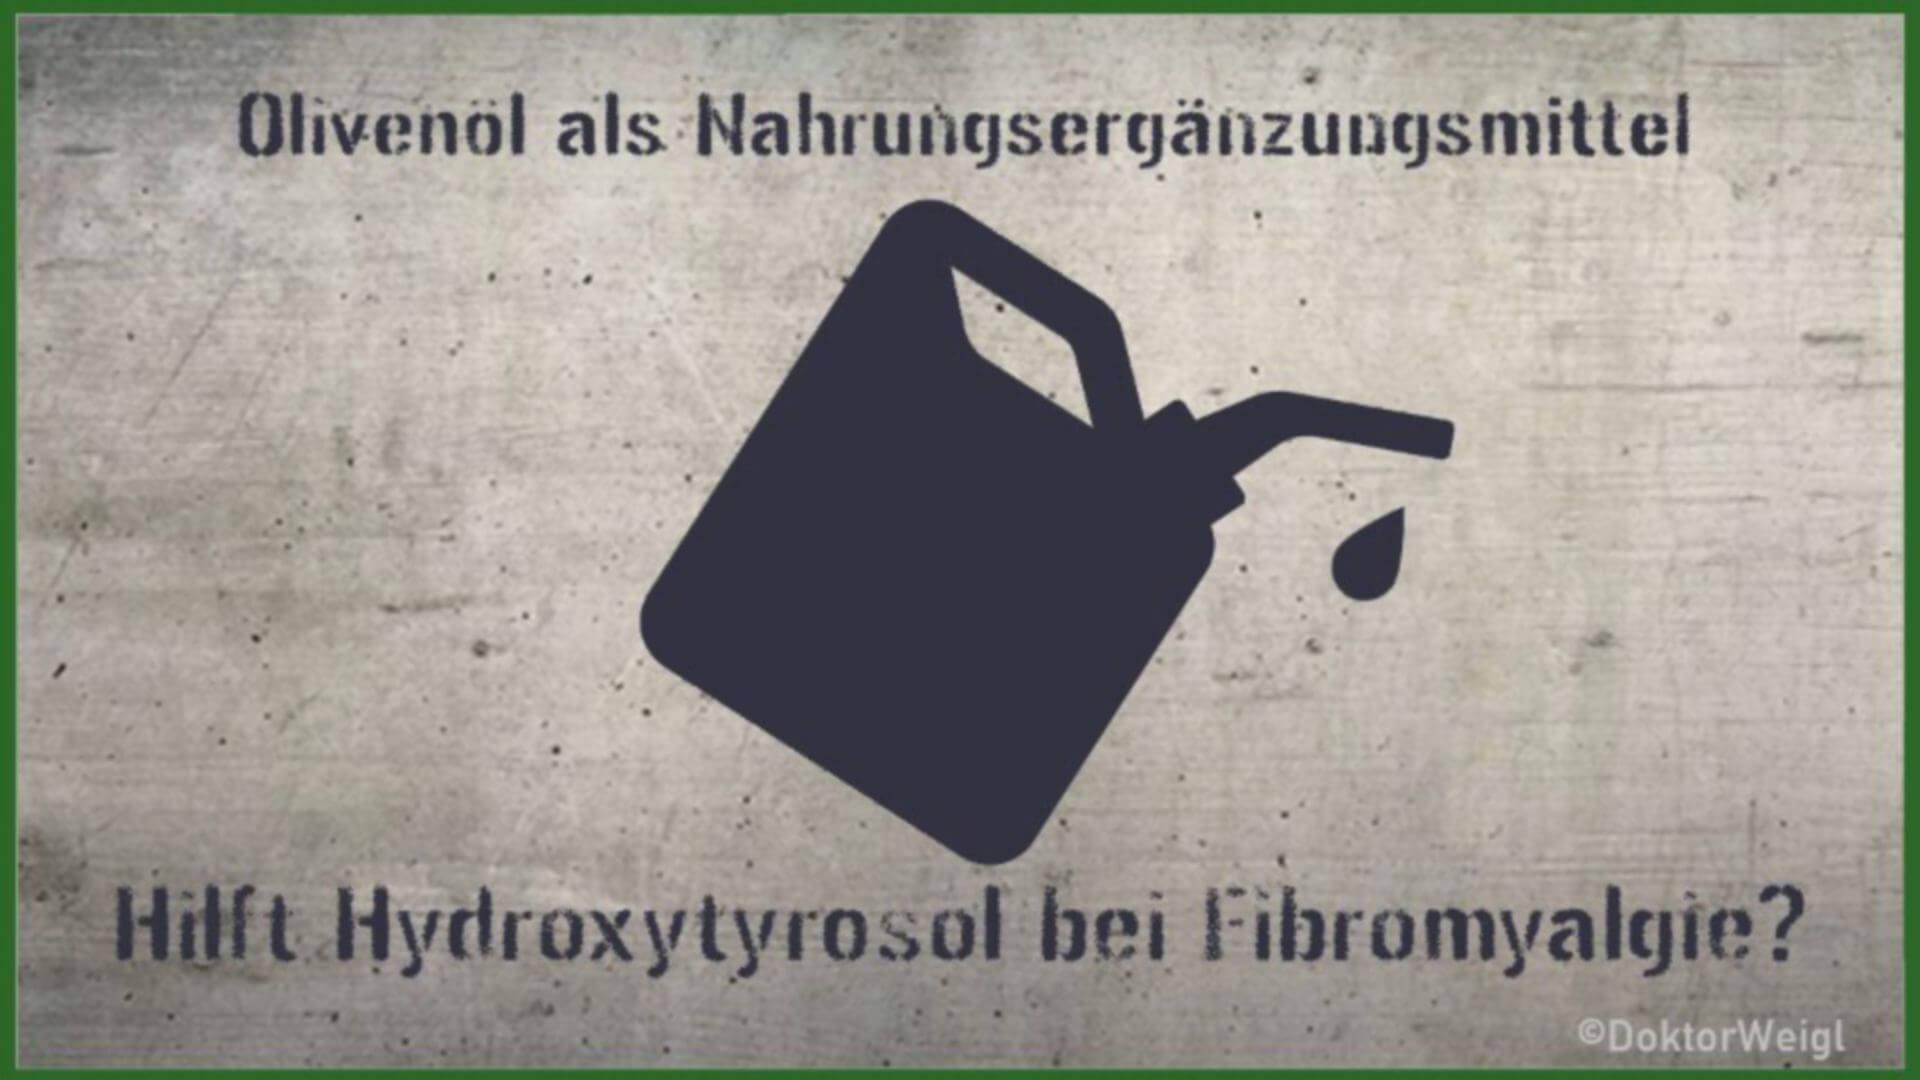 Nützliche Hausmittel: So hilft Olivenöl bei Fibromyalgie!